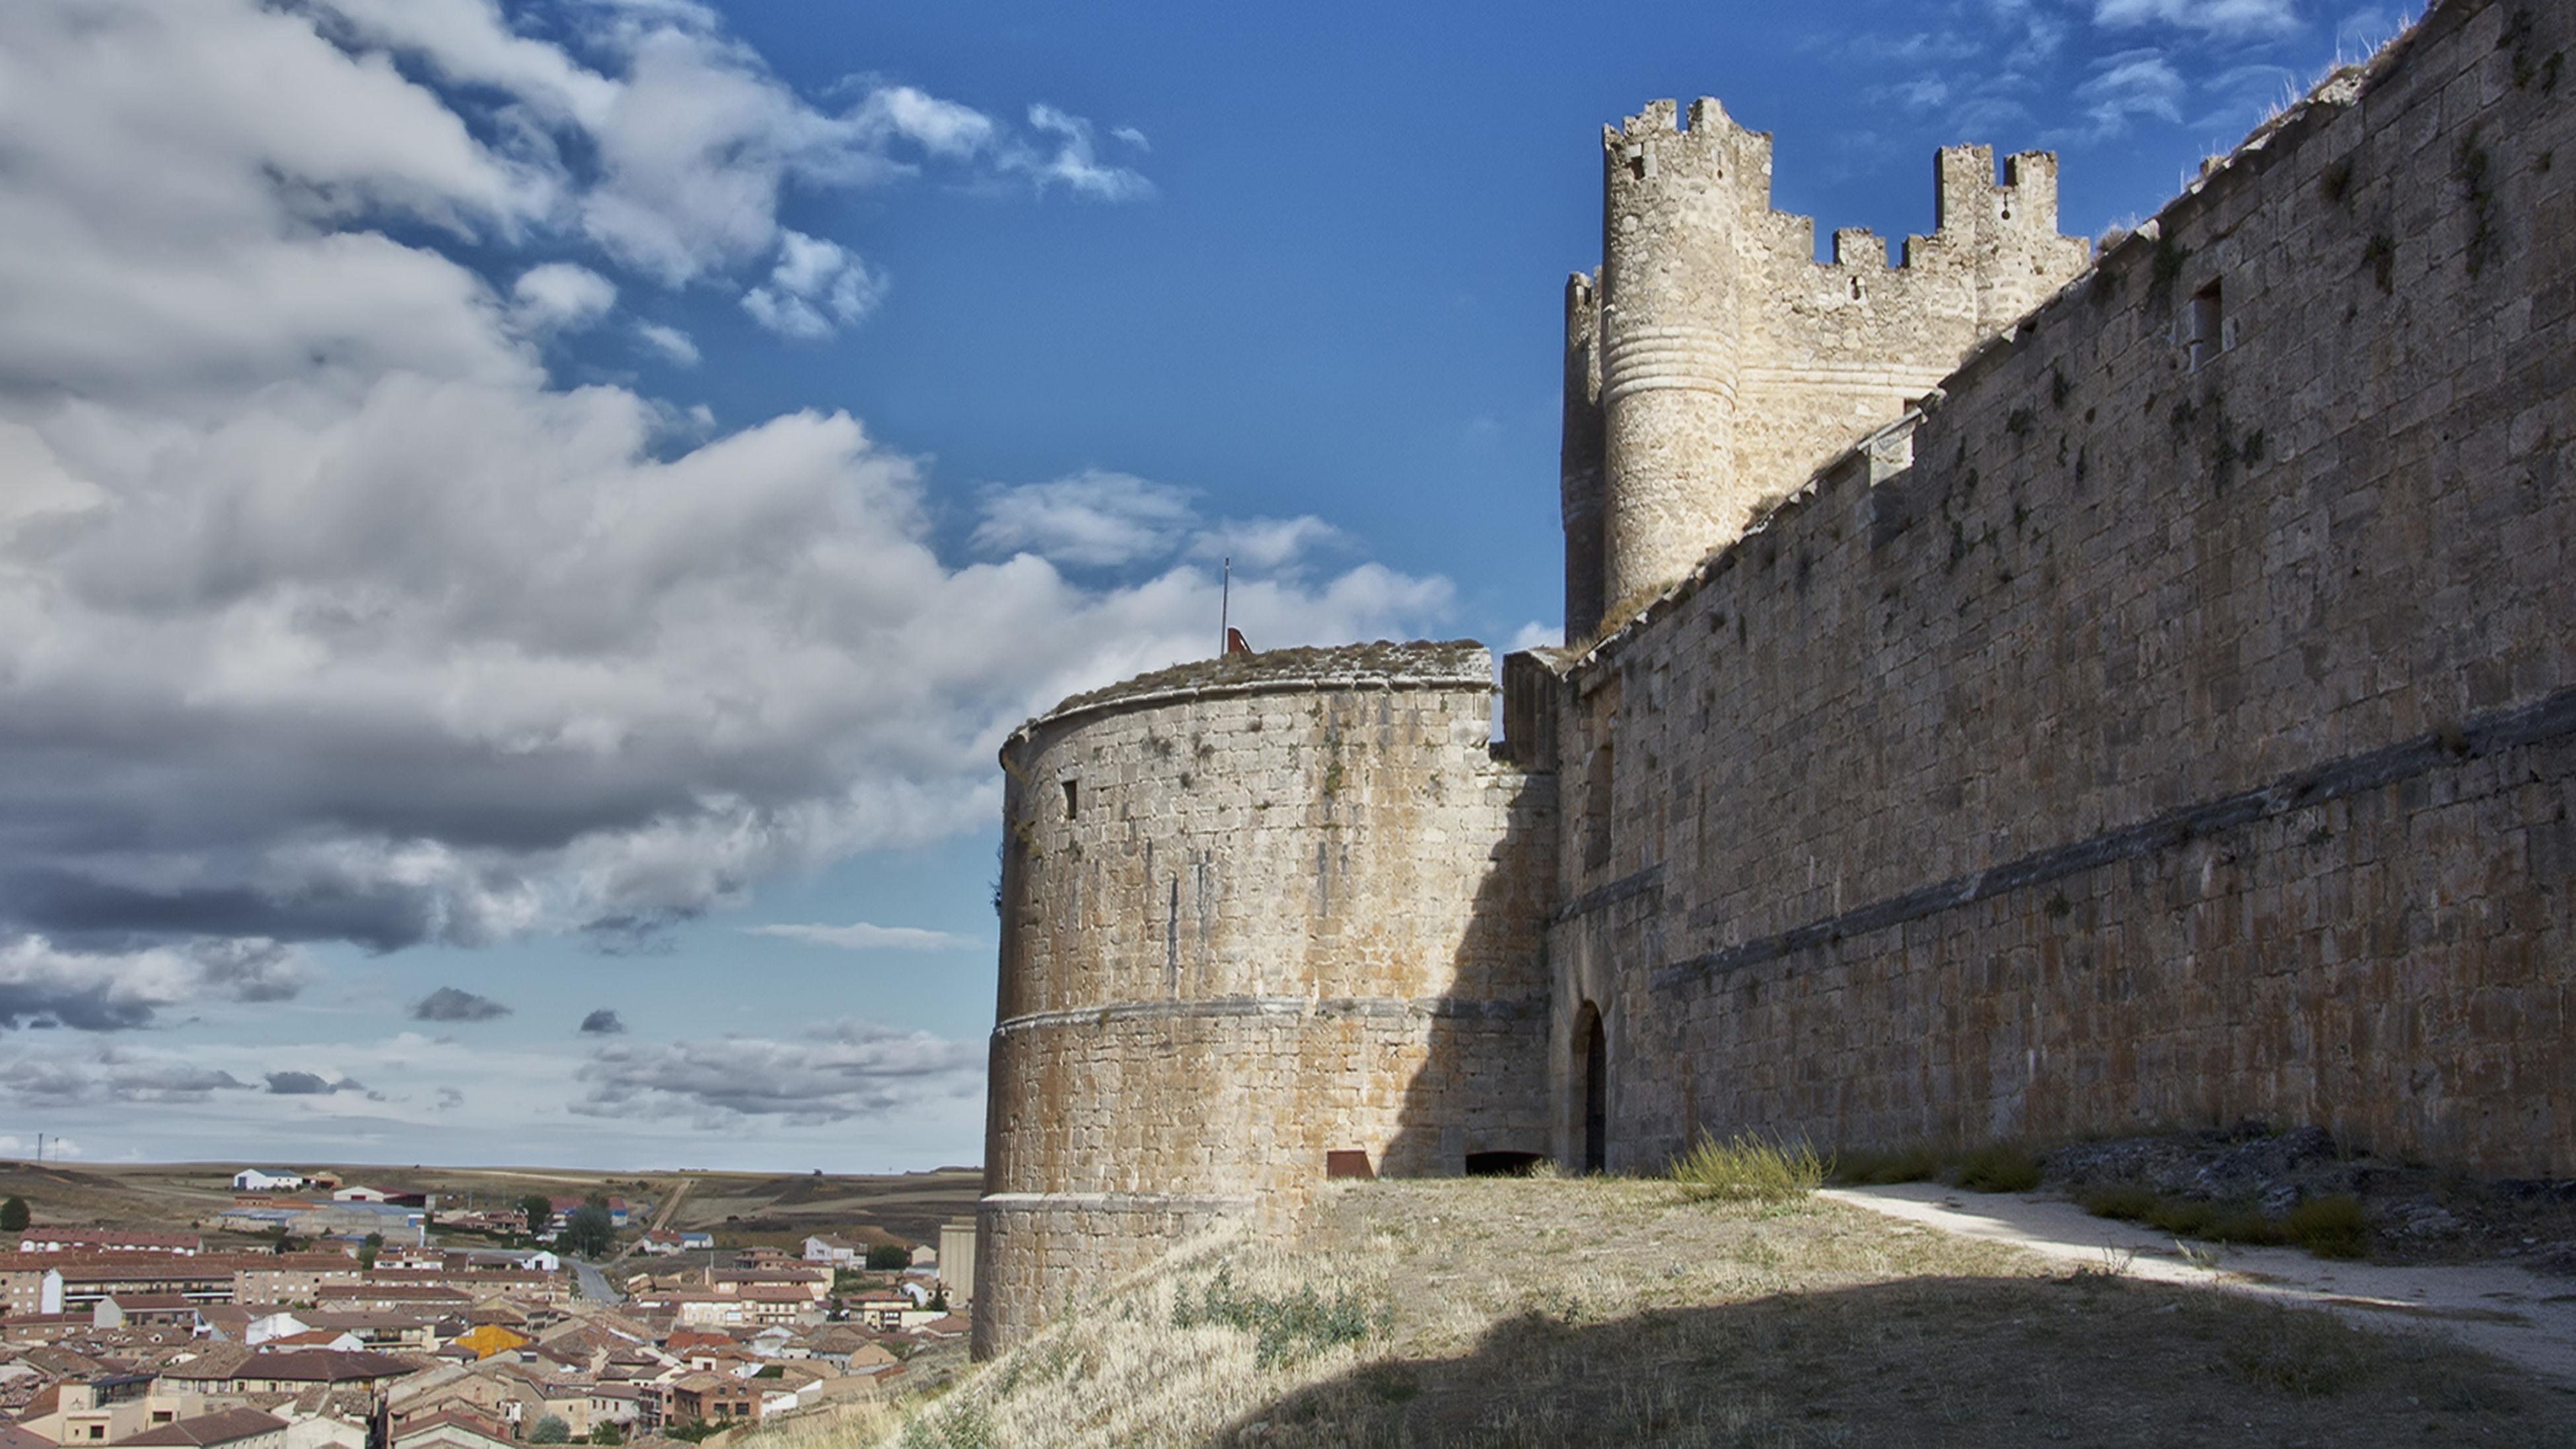 Architecture Berlanga Del Duero Castillo De Berlanga De Duero Castle History Turismo